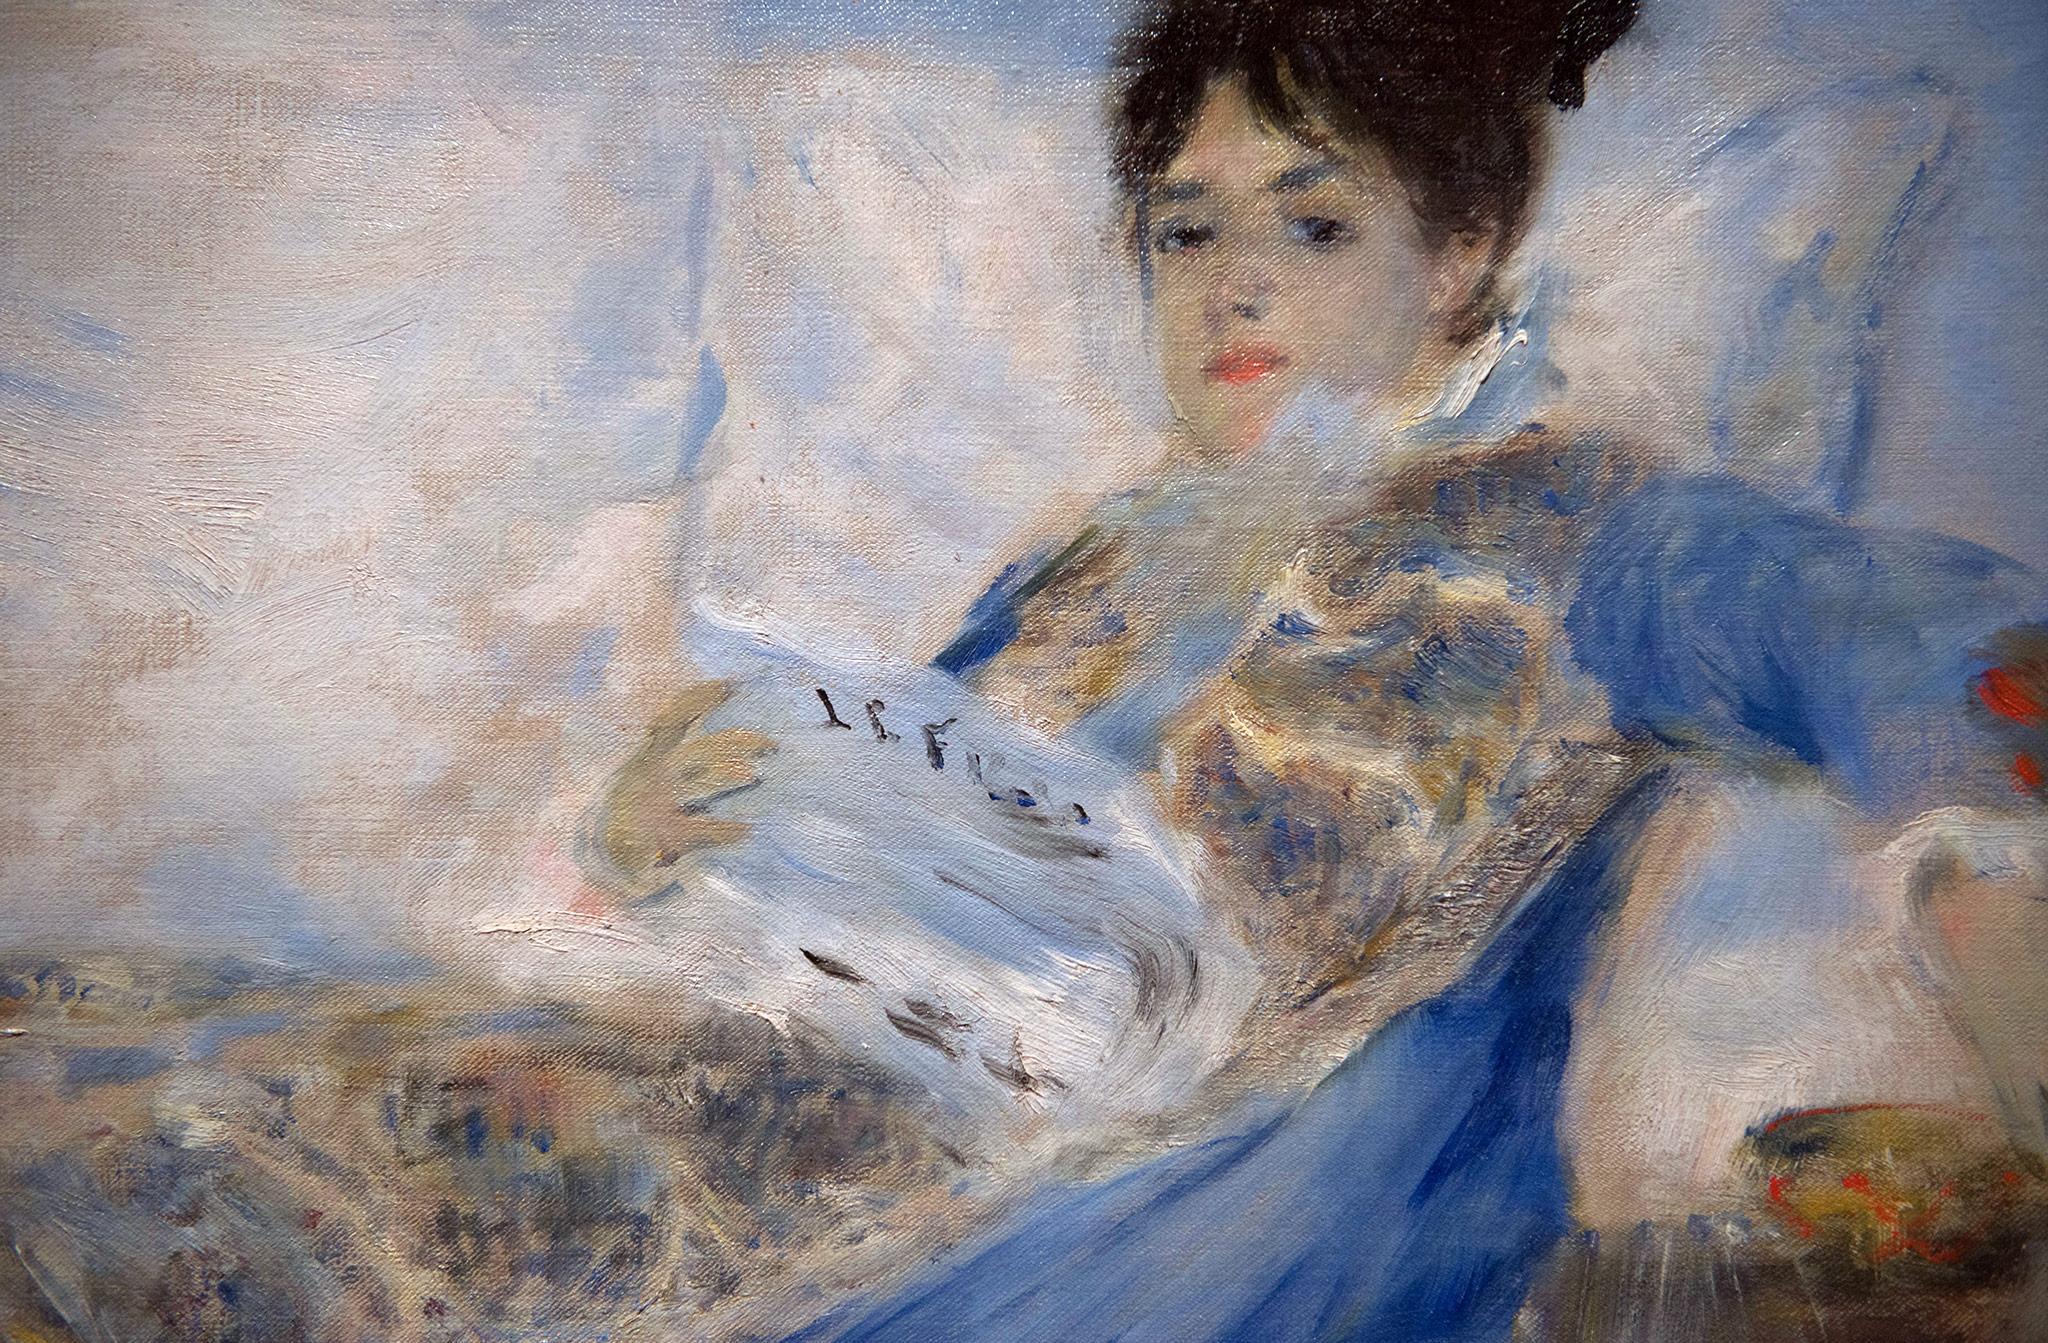 Portrait  de Madame Claude Monet - Pierre-Auguste Renoir (1841-1919) France V. 1872-1874 huile sur toile. Musée Calouste Gulbenkian - Lisbonne